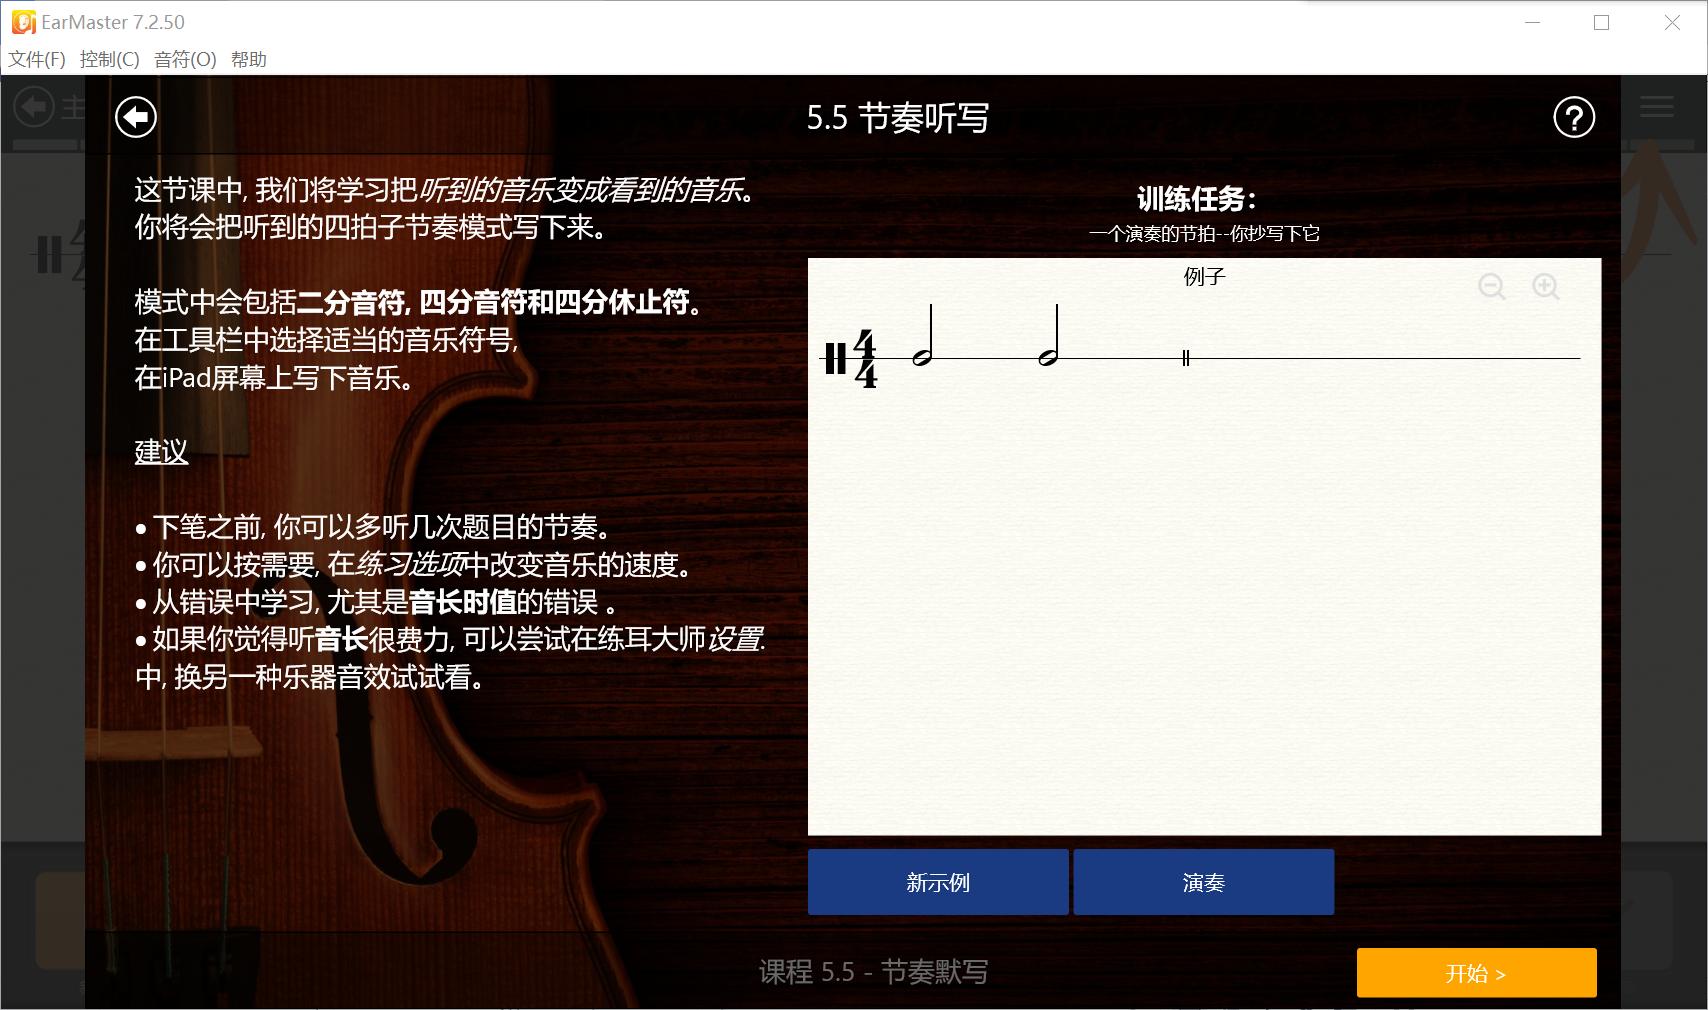 图2:节奏听写